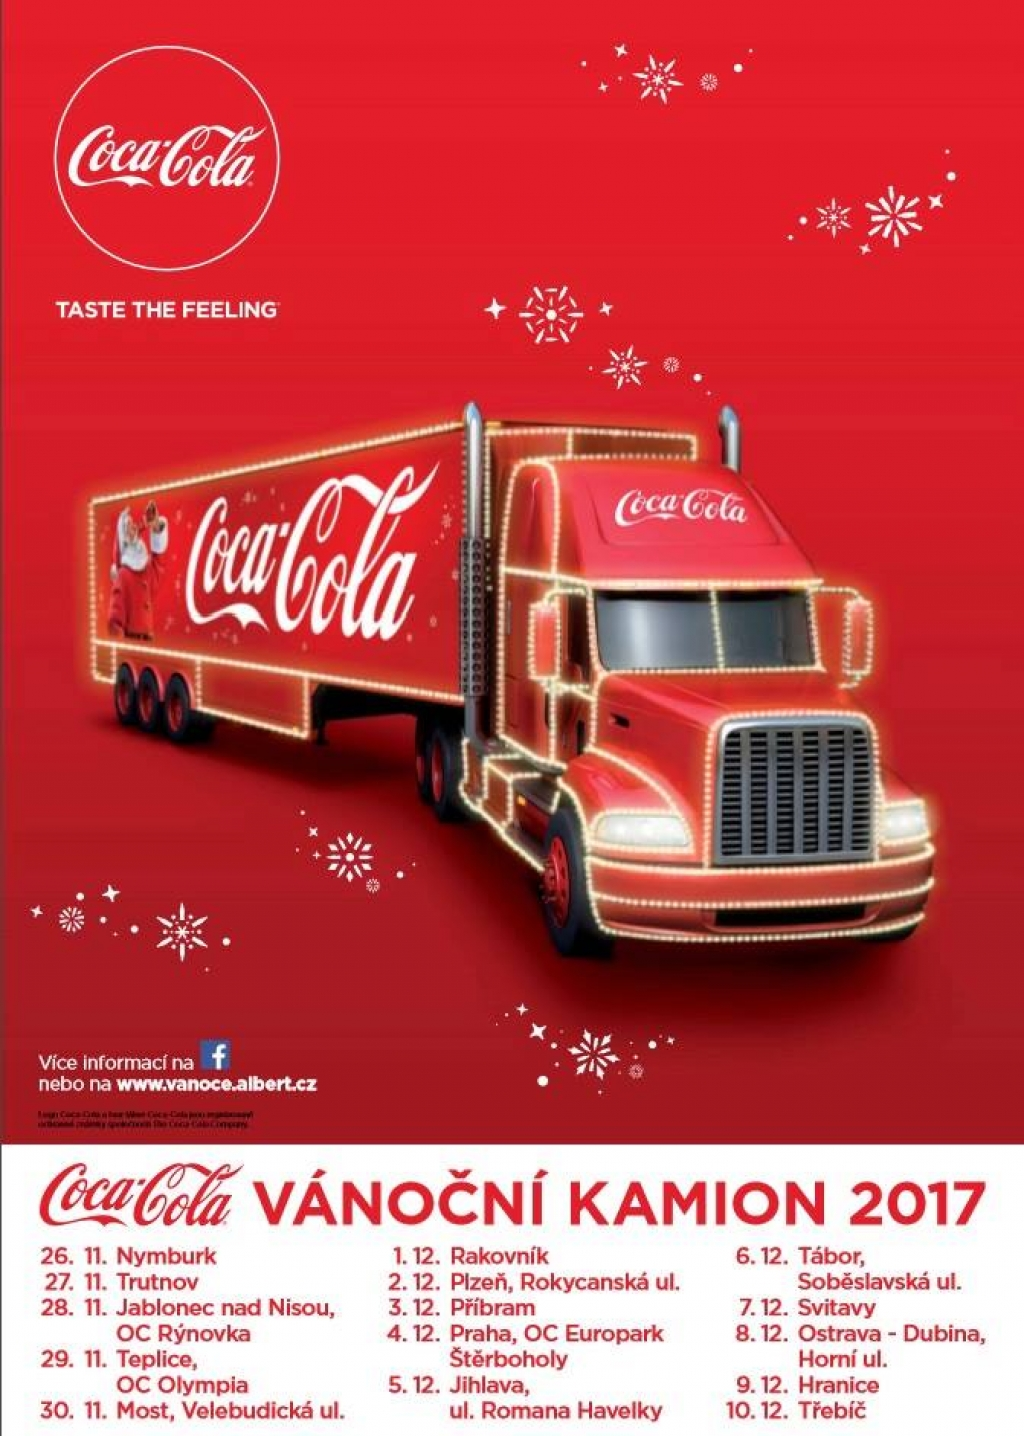 Vánoční kamion Coca-Cola 2017 - Praha - Štěrboholy